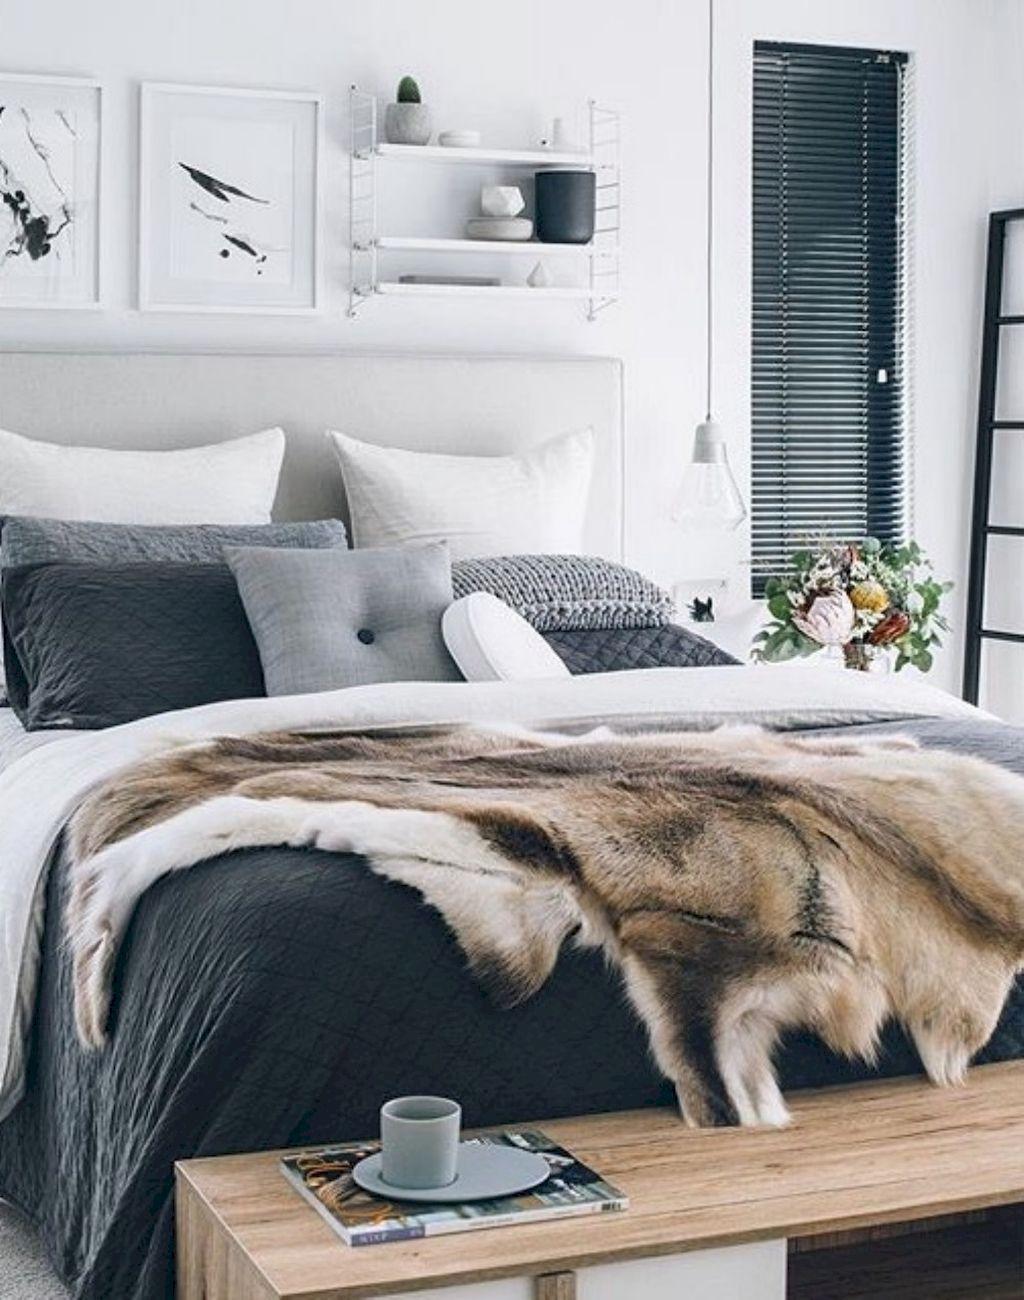 19 comfy modern scandinavian bedroom ideas - Kleine Schlafzimmerideen Mit Lagerung